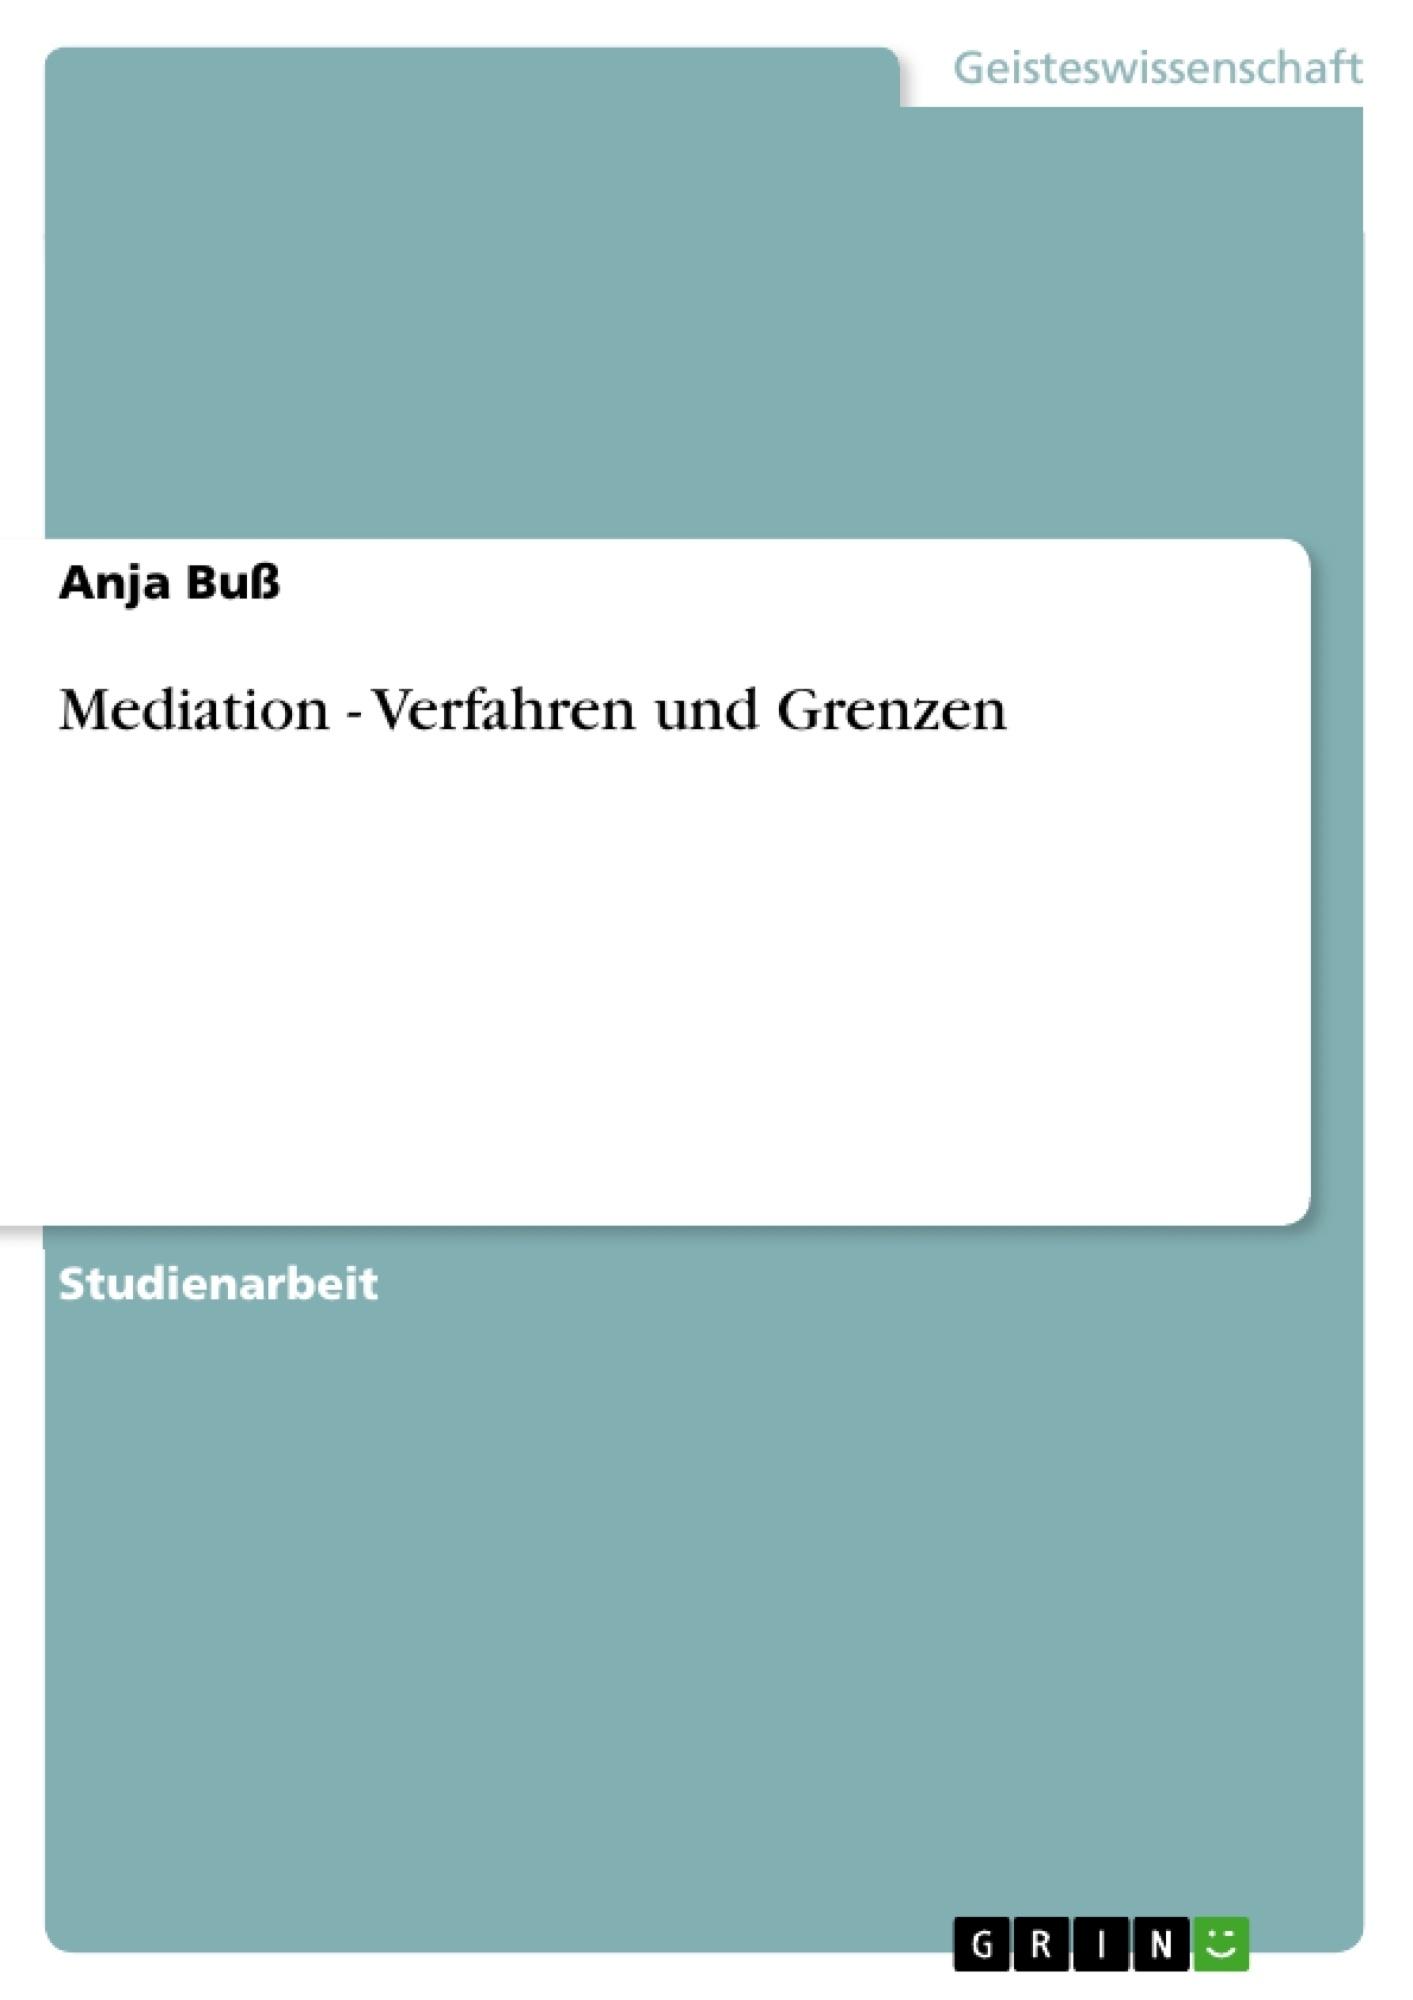 Titel: Mediation - Verfahren und Grenzen